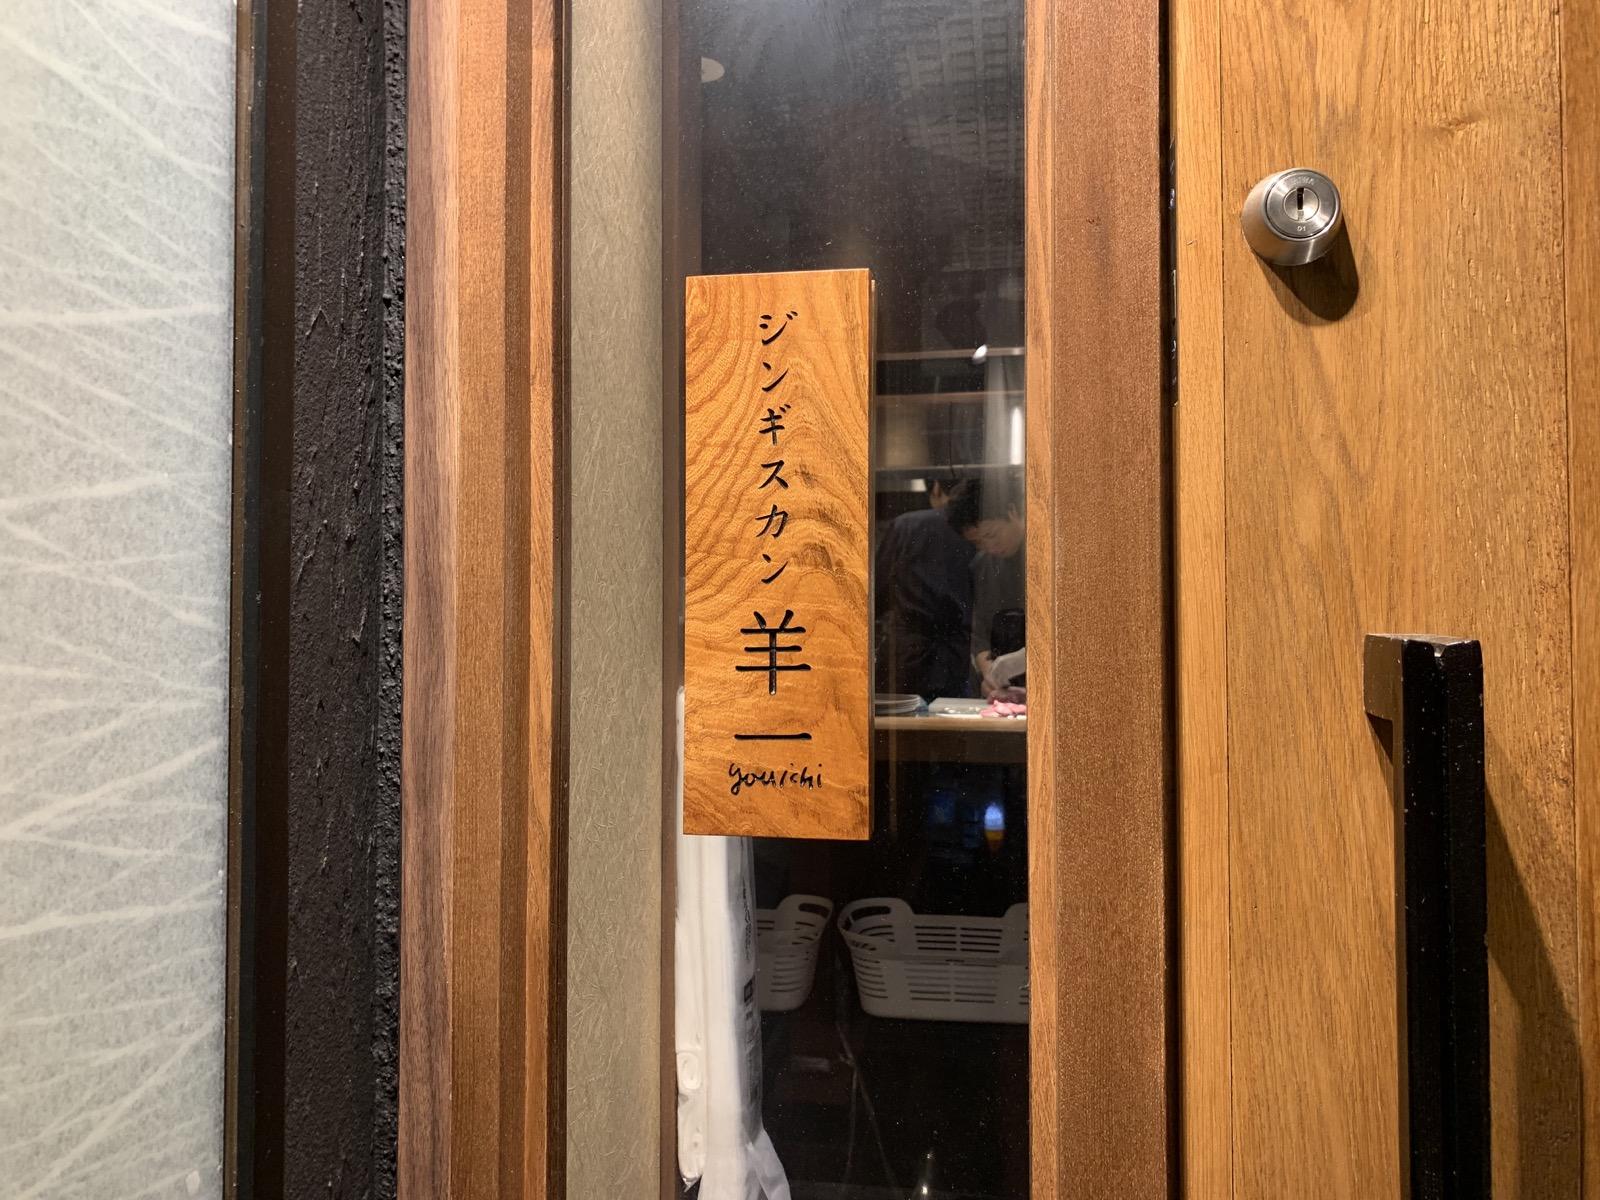 ジンギスカン洋一の玄関表札